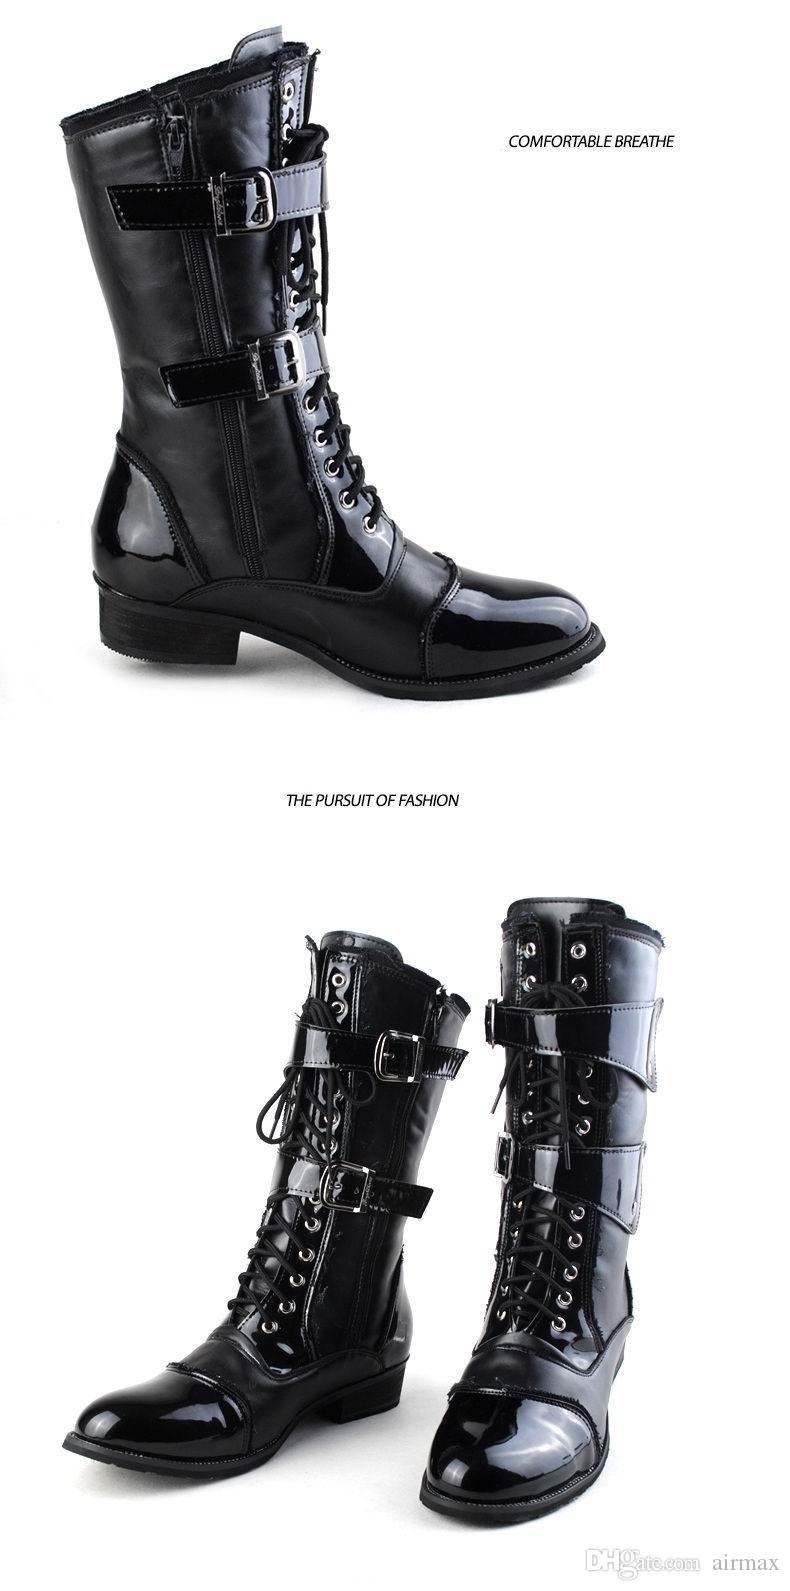 Nuovo design moda marea metà stivali a metà gli uomini allacciati con fibbia stivale da moto uomo vestirsi in pelle PU stivali da cowboy Martin 38-45